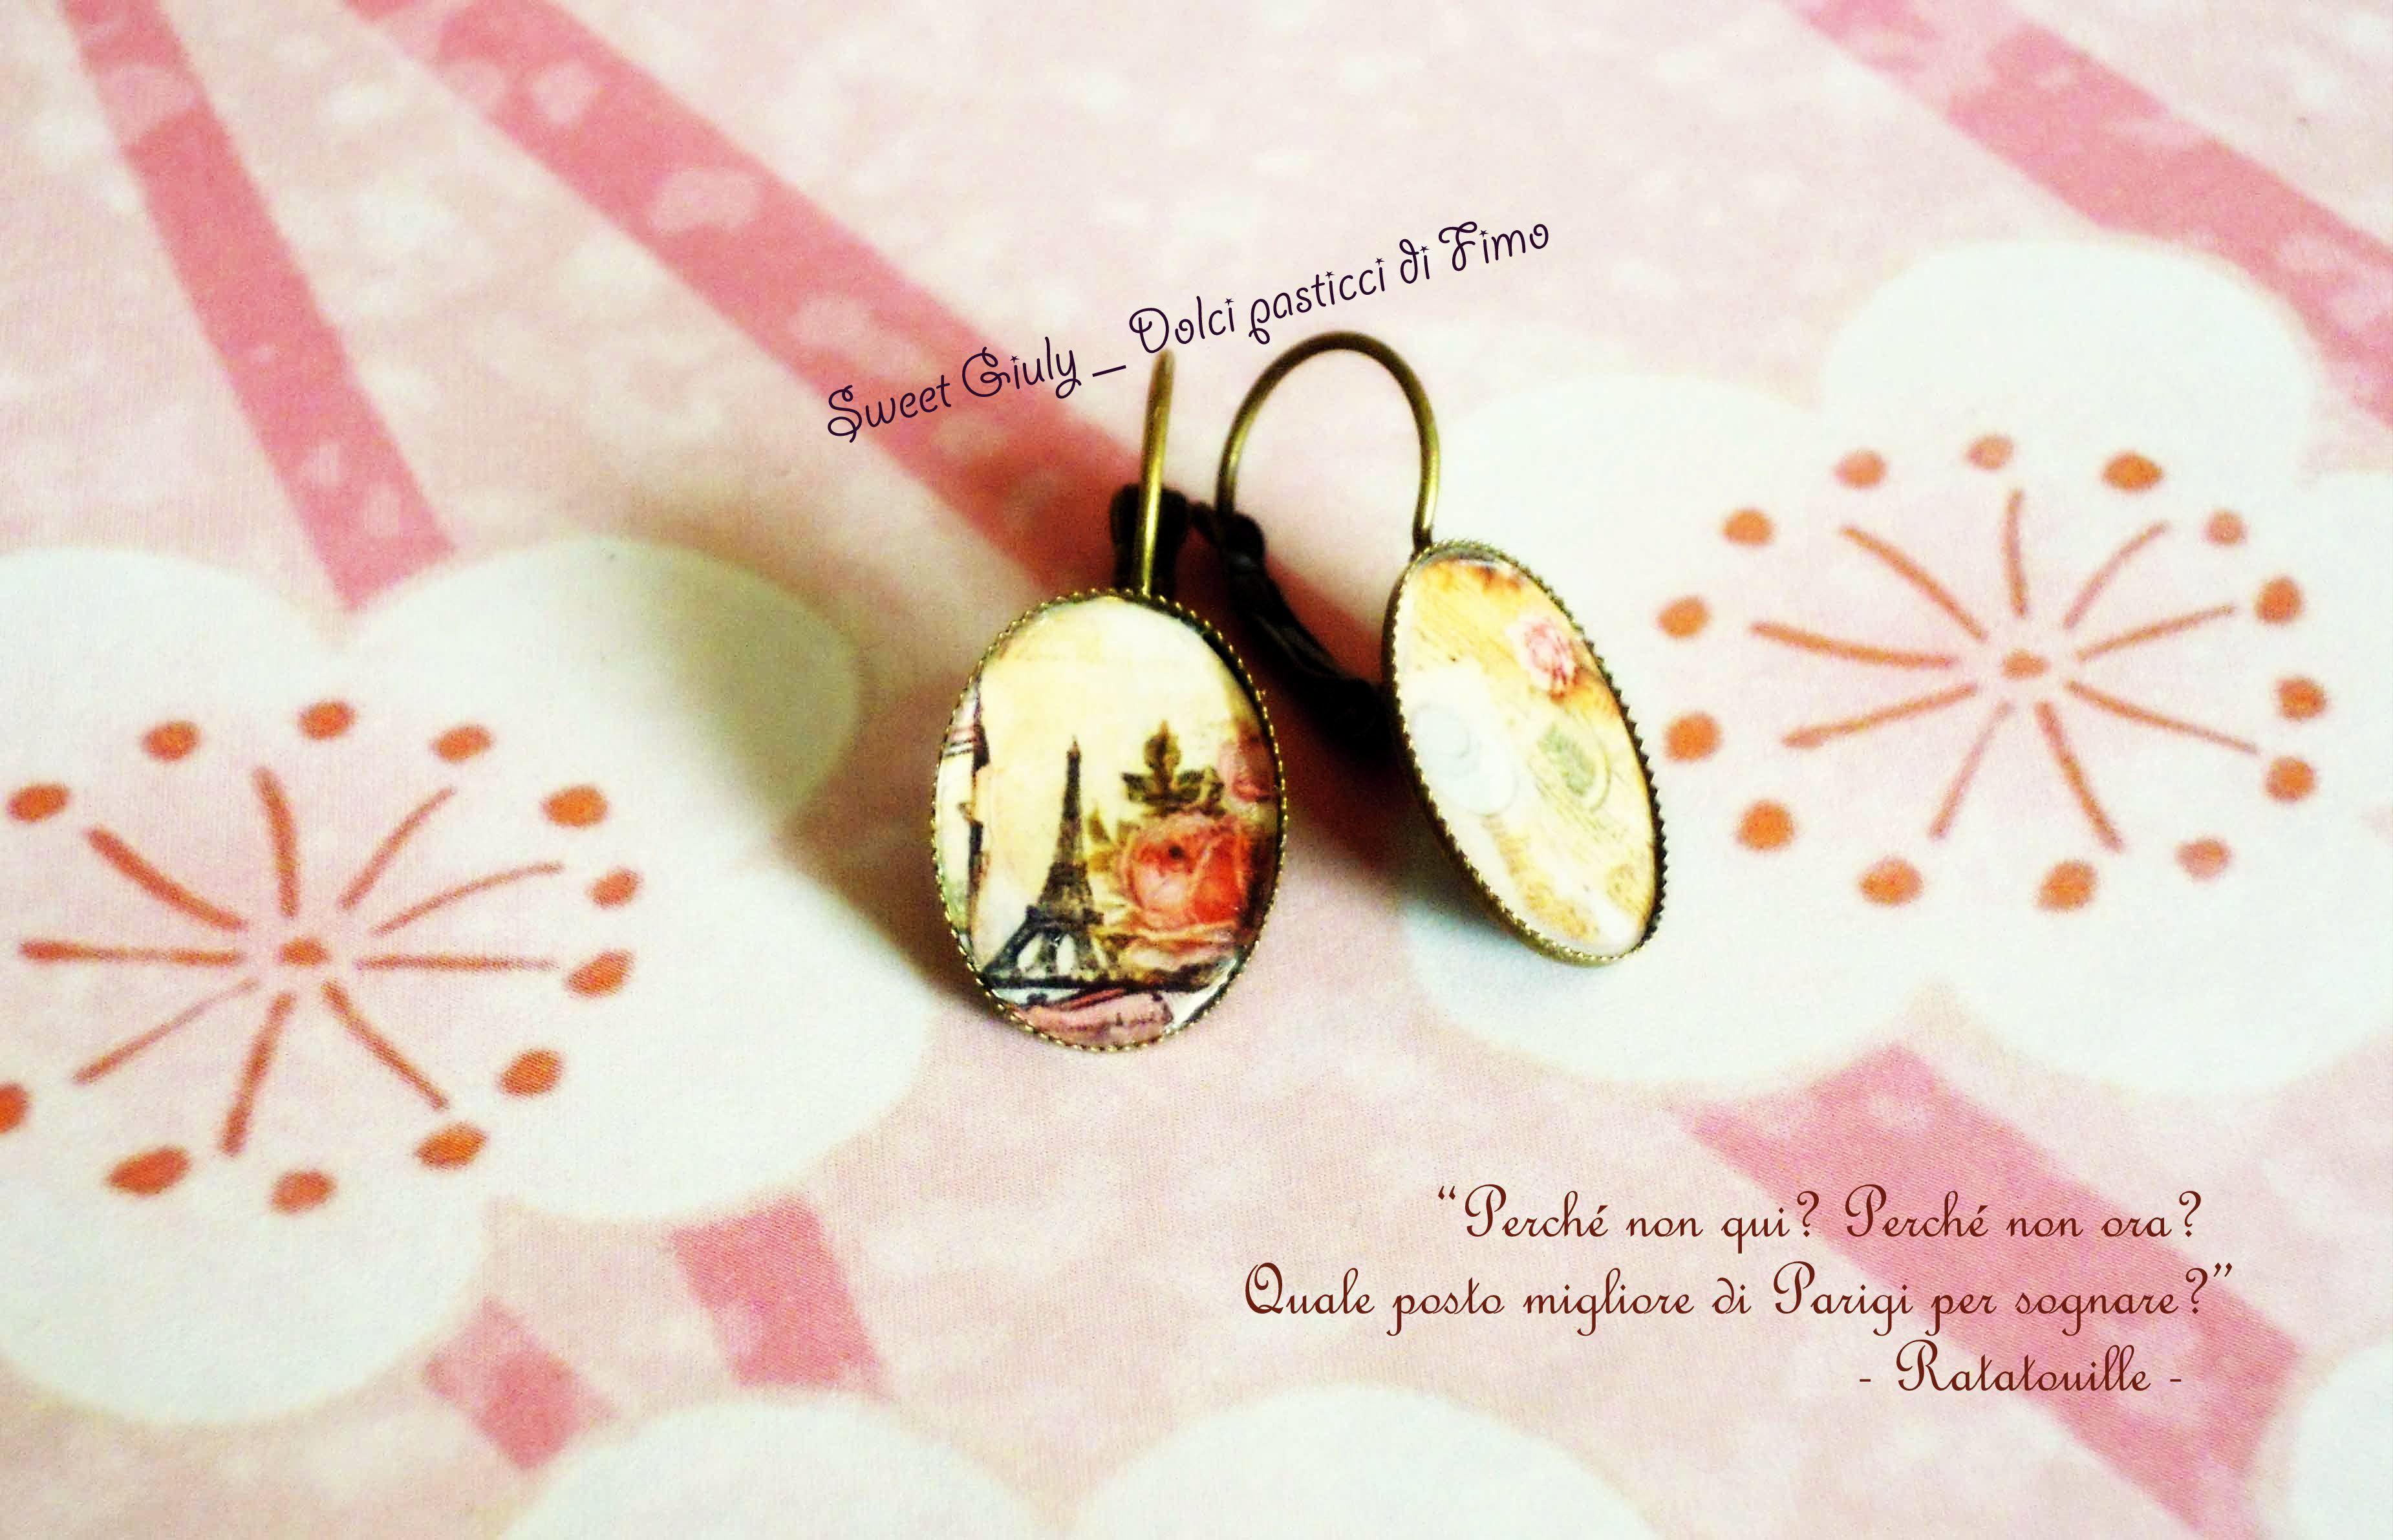 """Orecchini """" From Paris with Love """" - mini cammei. Fonte: www.facebook.com/SweetGiulyDolciPasticciDiFimo #bijoux"""